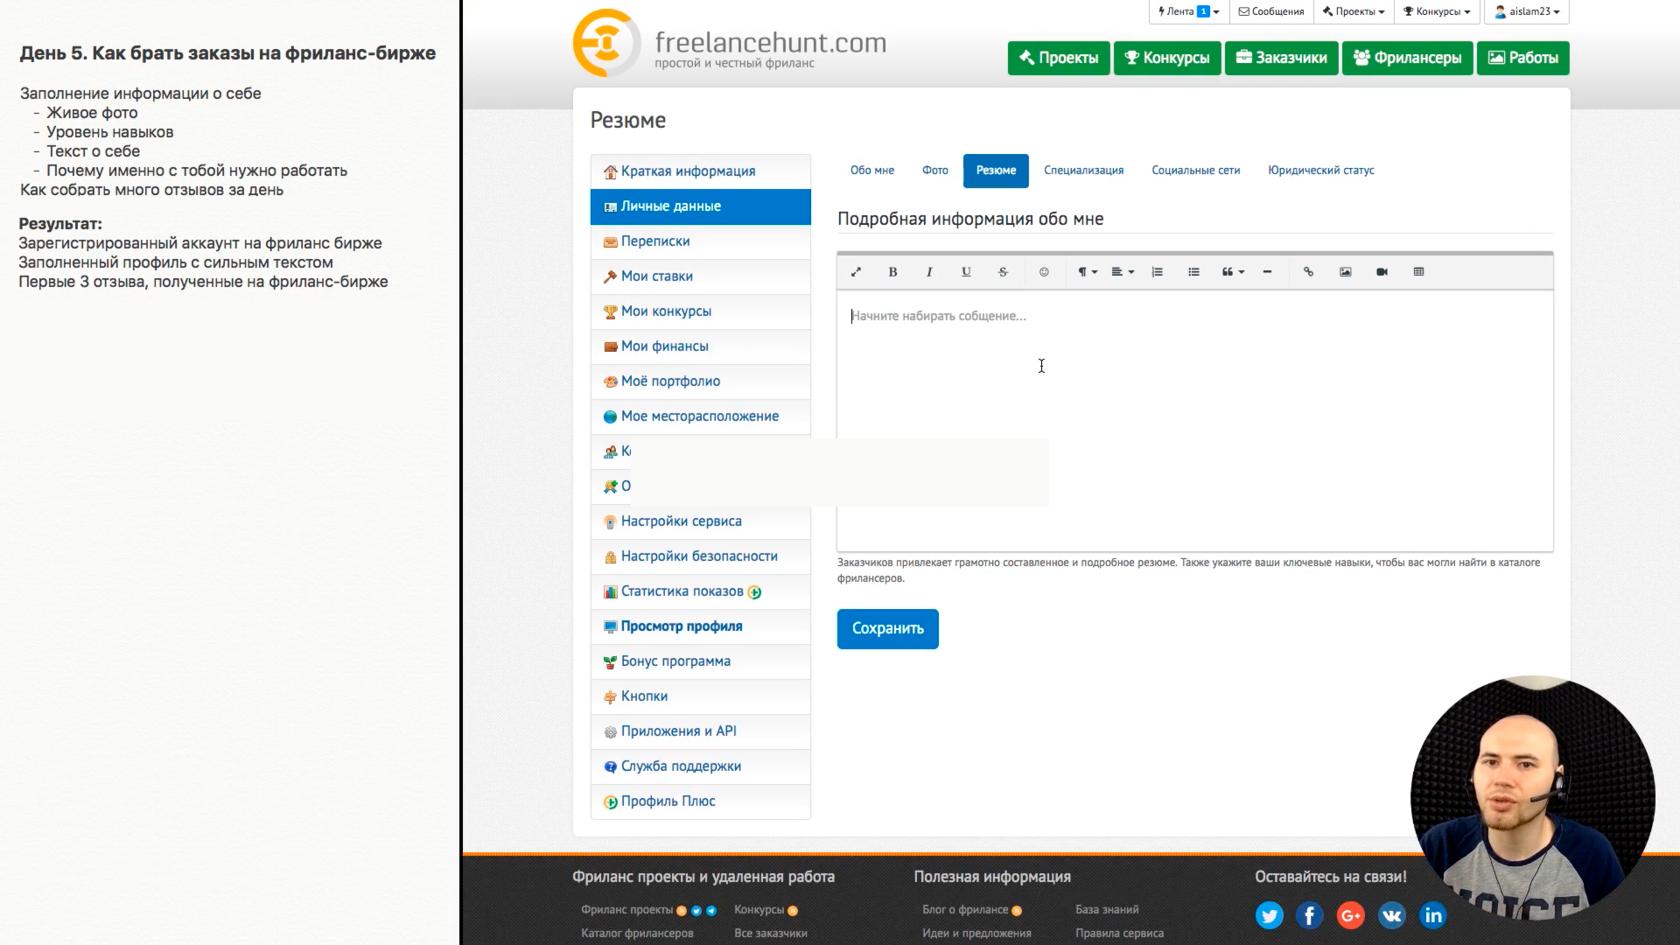 Как получать заказы фрилансеру freelancer по сети